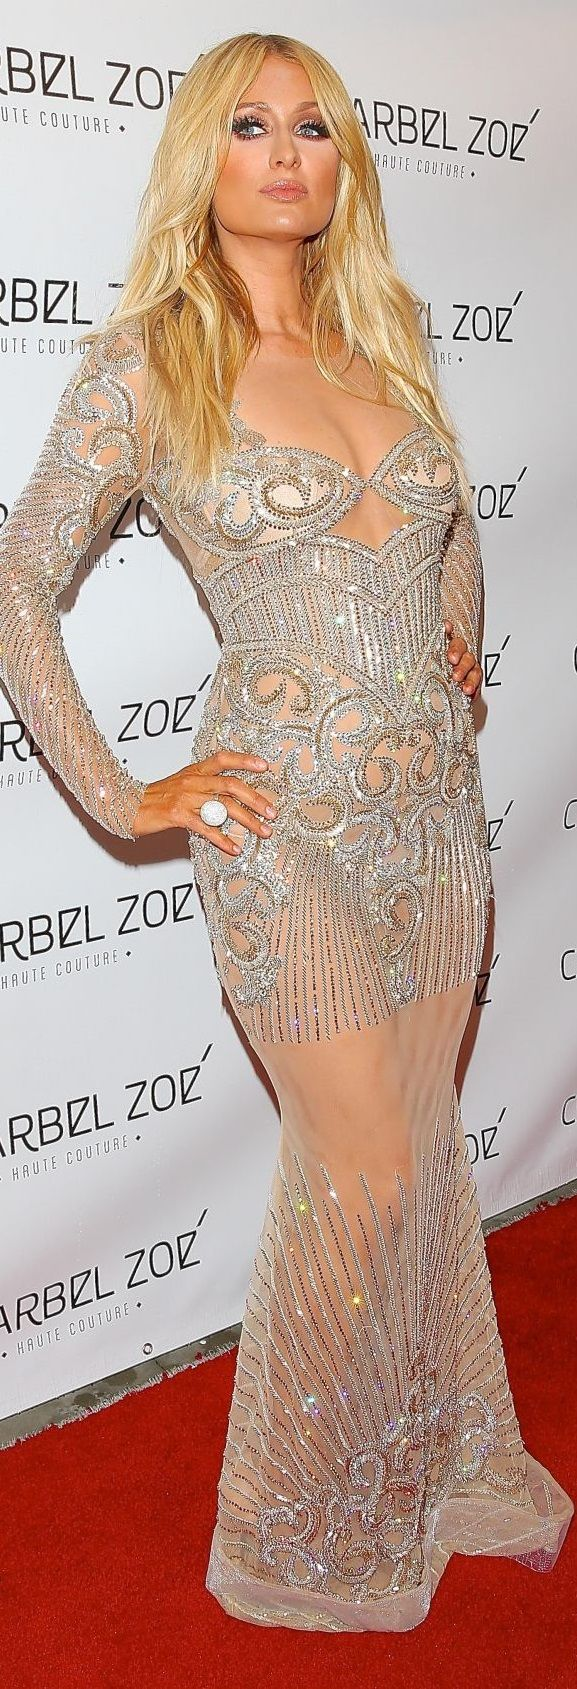 19 Best Paris Hilton Best Hair Looks Images On Pinterest